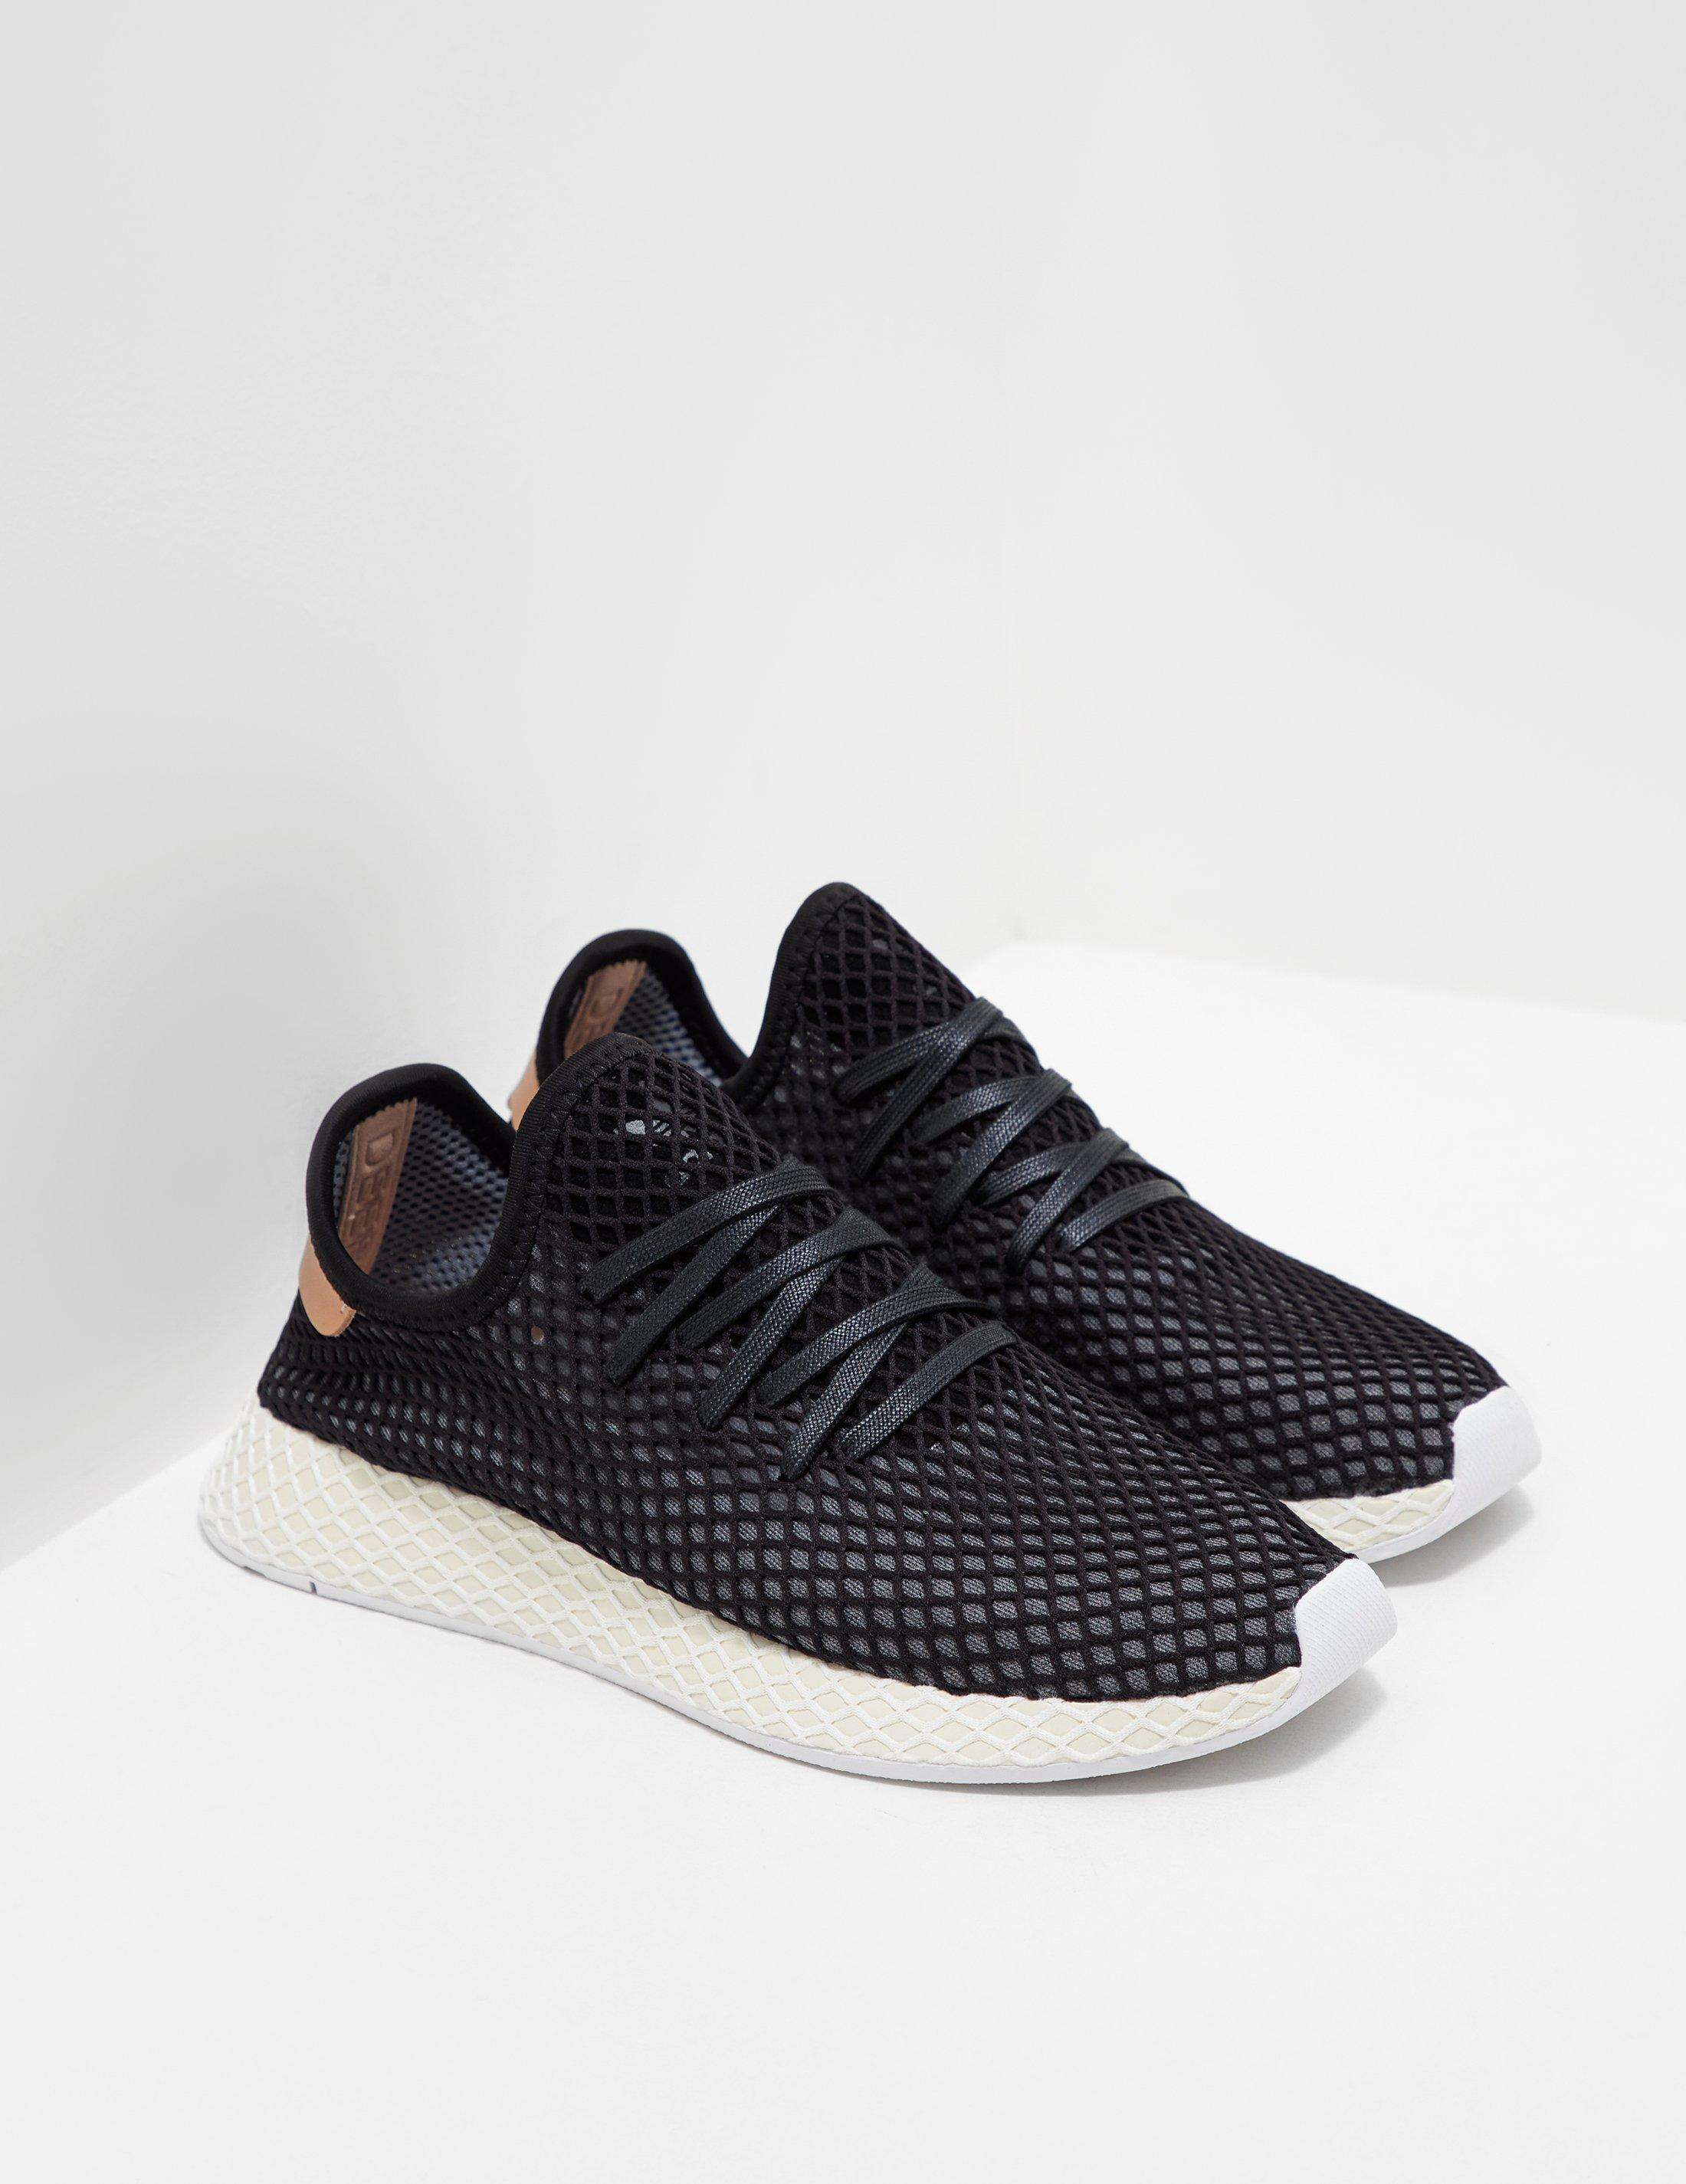 View  adidas Originals. Mens Deerupt Black cheap for discount cbd18 b3aa2   Lyst - Adidas Originals Nmd ... cce56f9a7